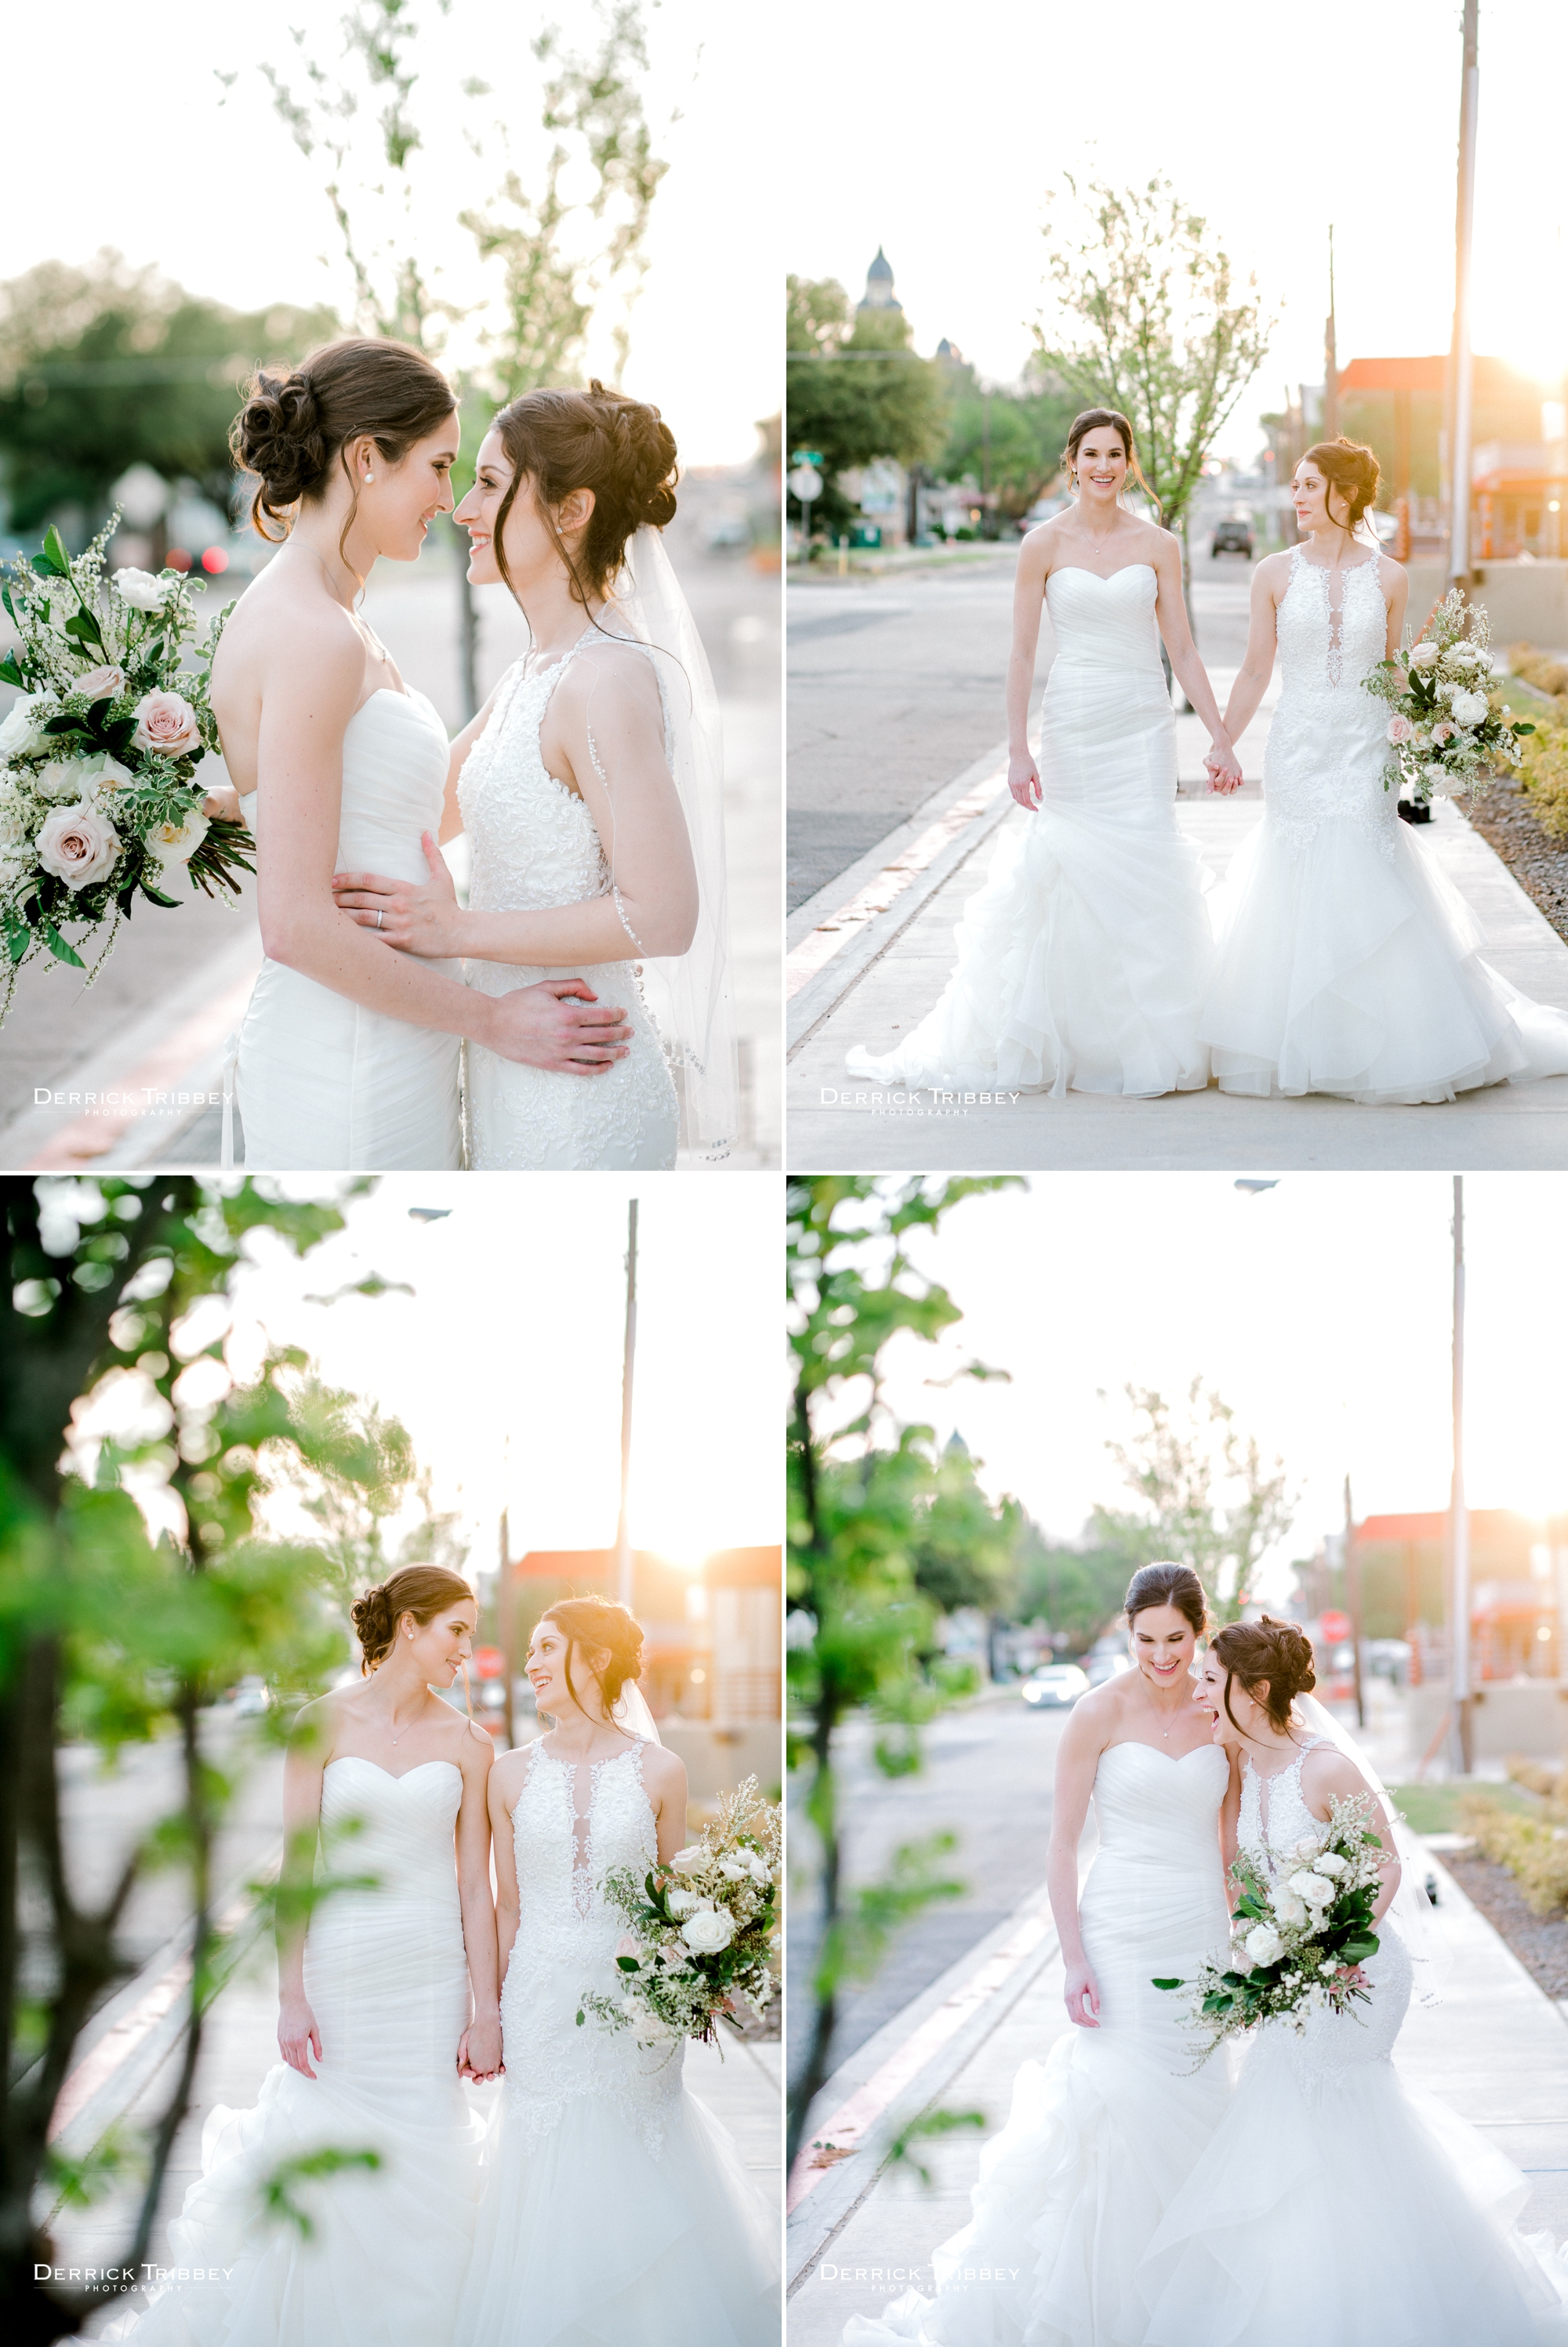 Monroe Pearson Weddings